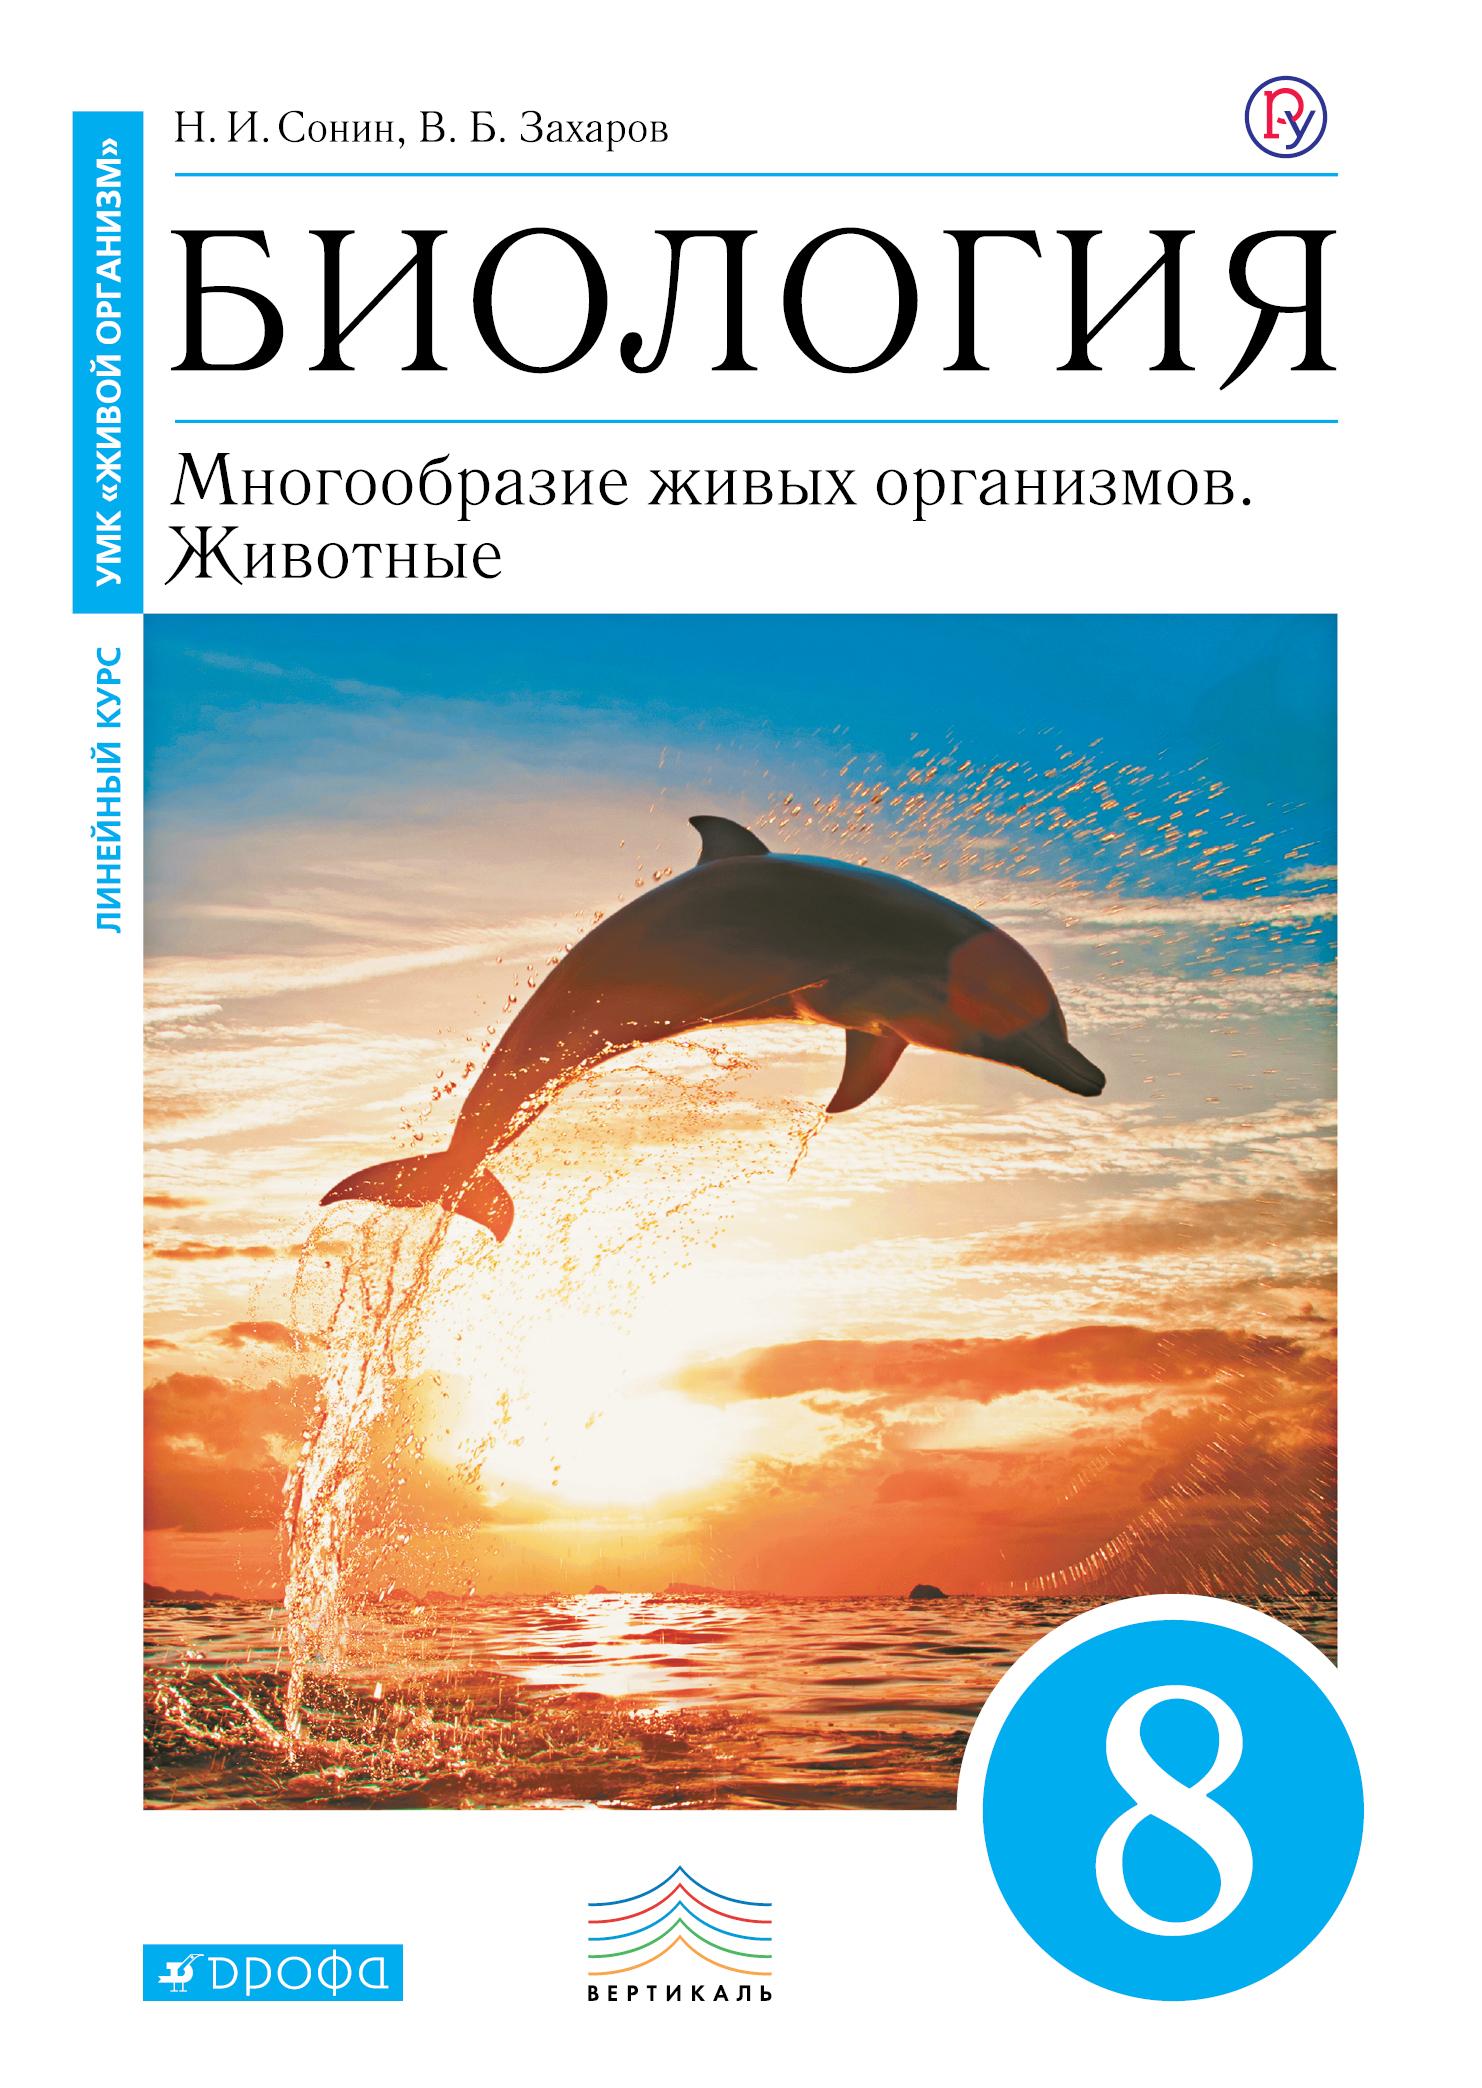 Н. И. Сонин, В. Б. Захаров Биология. 8 класс. Многообразие живых организмов. Животные. Учебник